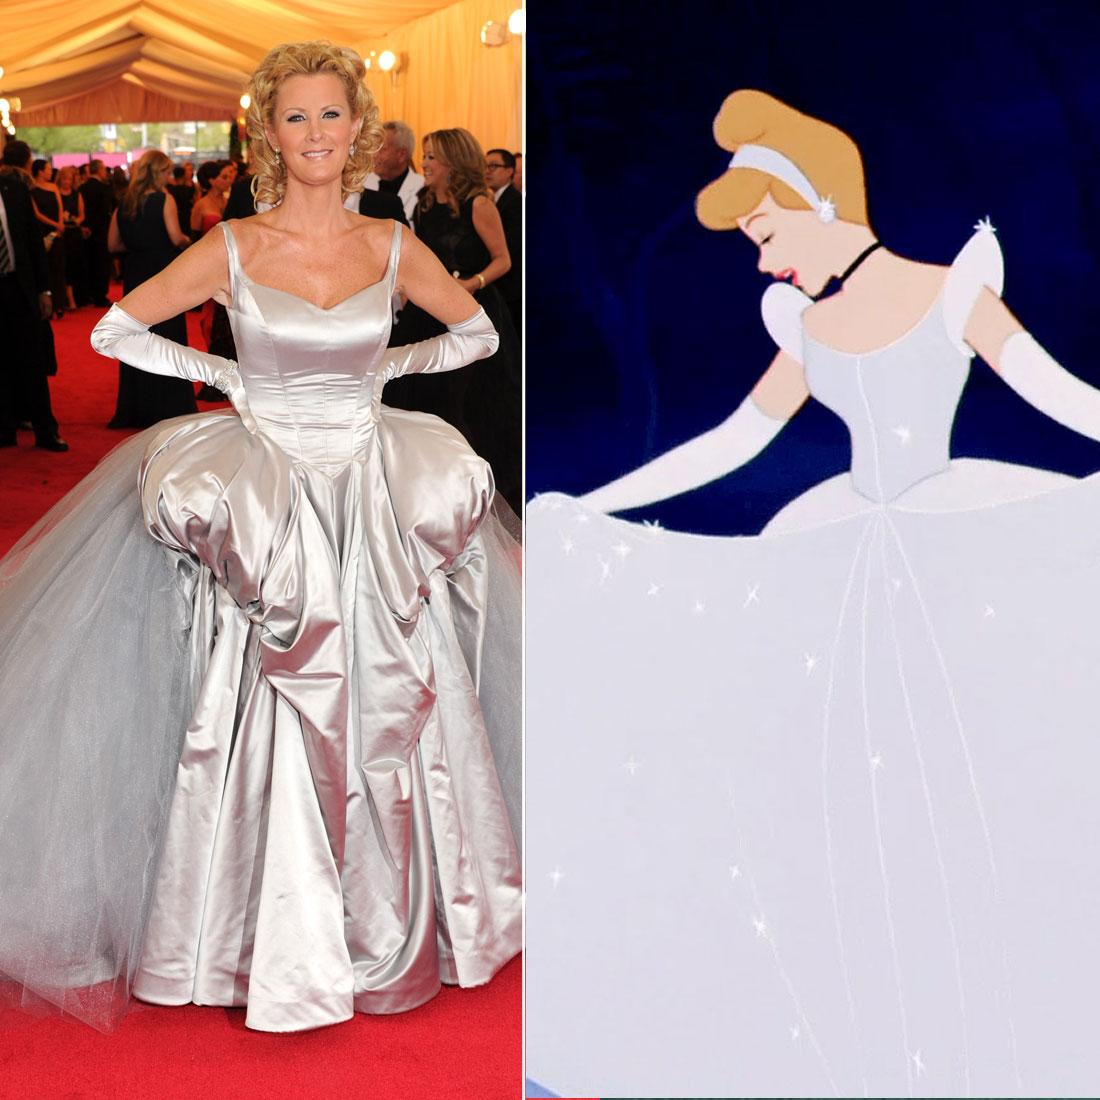 Sandra Lee as Cinderella